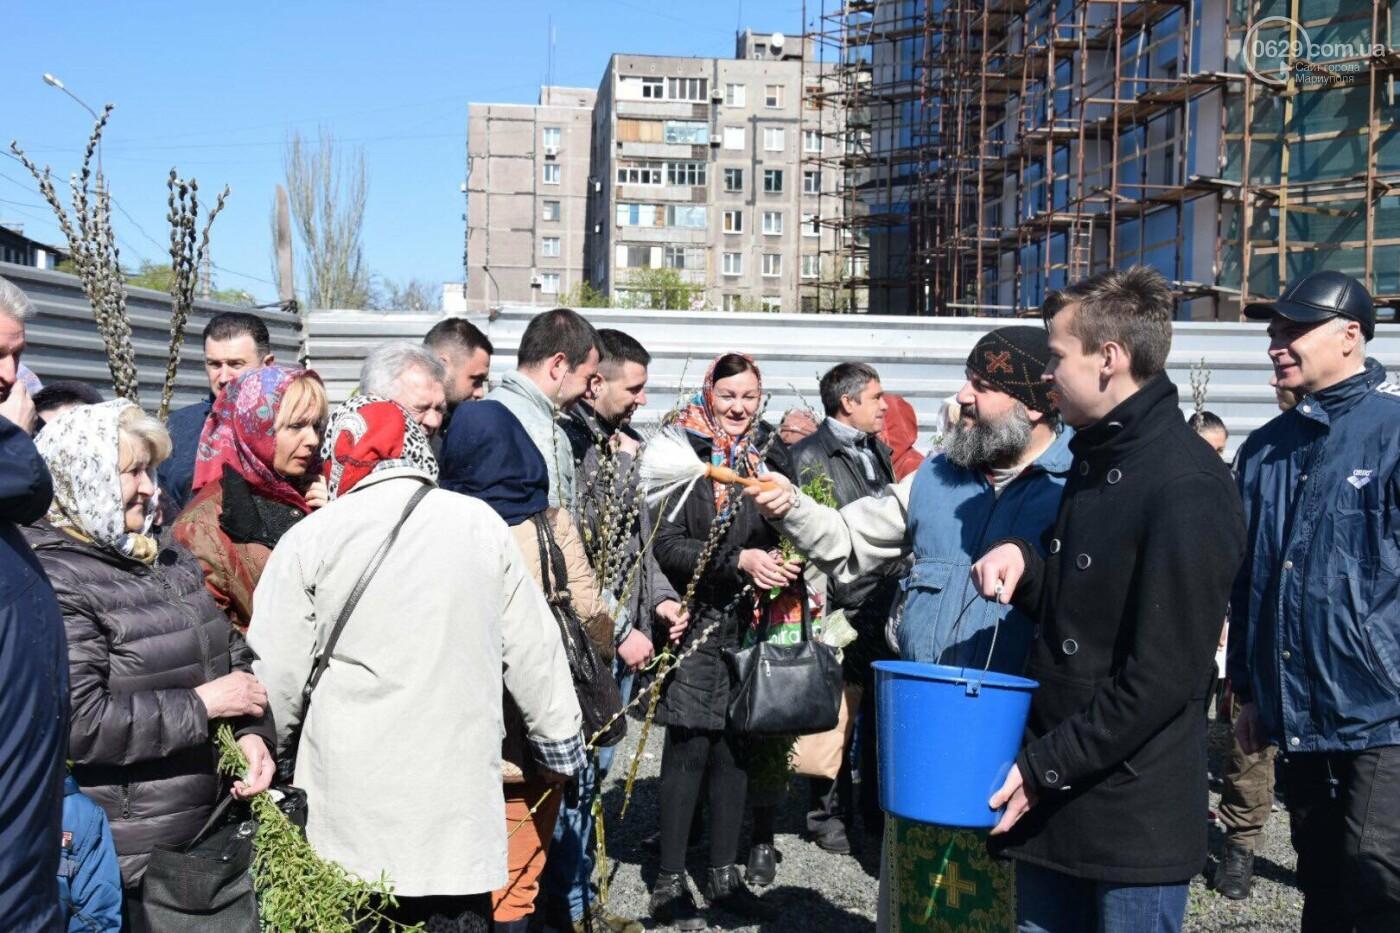 Выборы и верба: как Мариуполь празднует православный праздник, - ФОТОРЕПОРТАЖ, фото-28